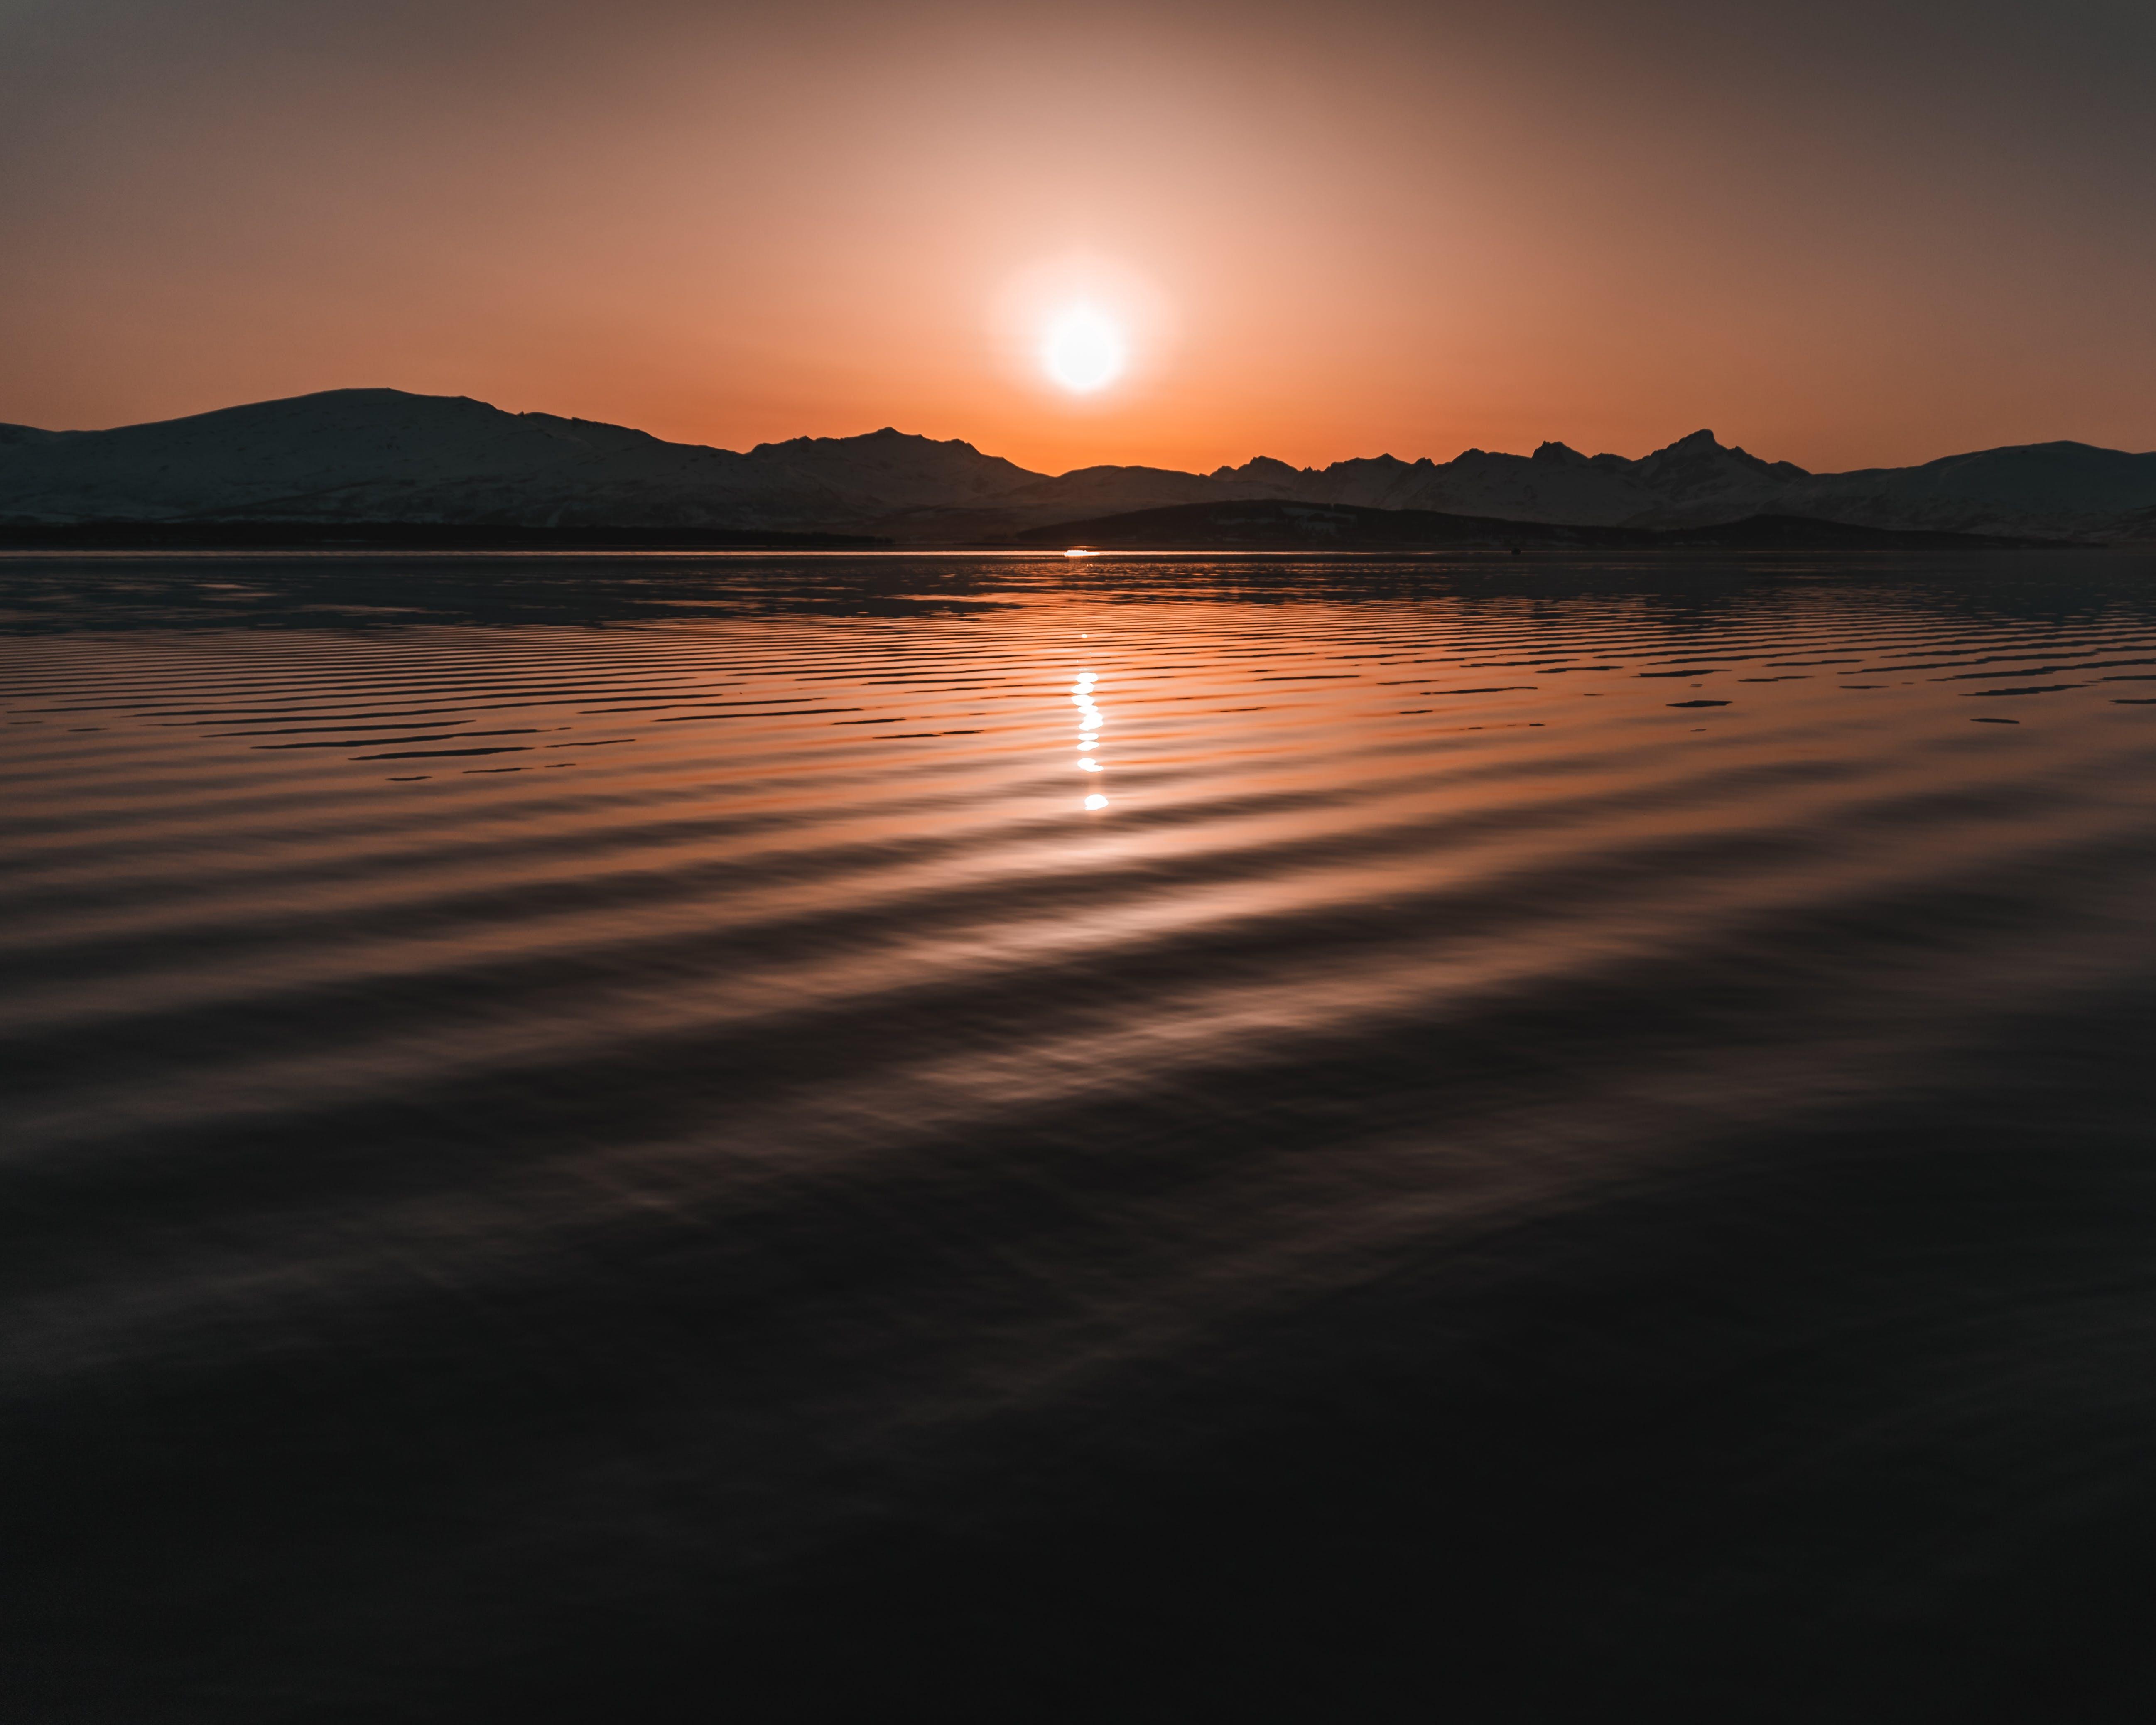 คลังภาพถ่ายฟรี ของ ขอบฟ้า, ชั่วโมงทอง, ดวงอาทิตย์, ตะวันลับฟ้า